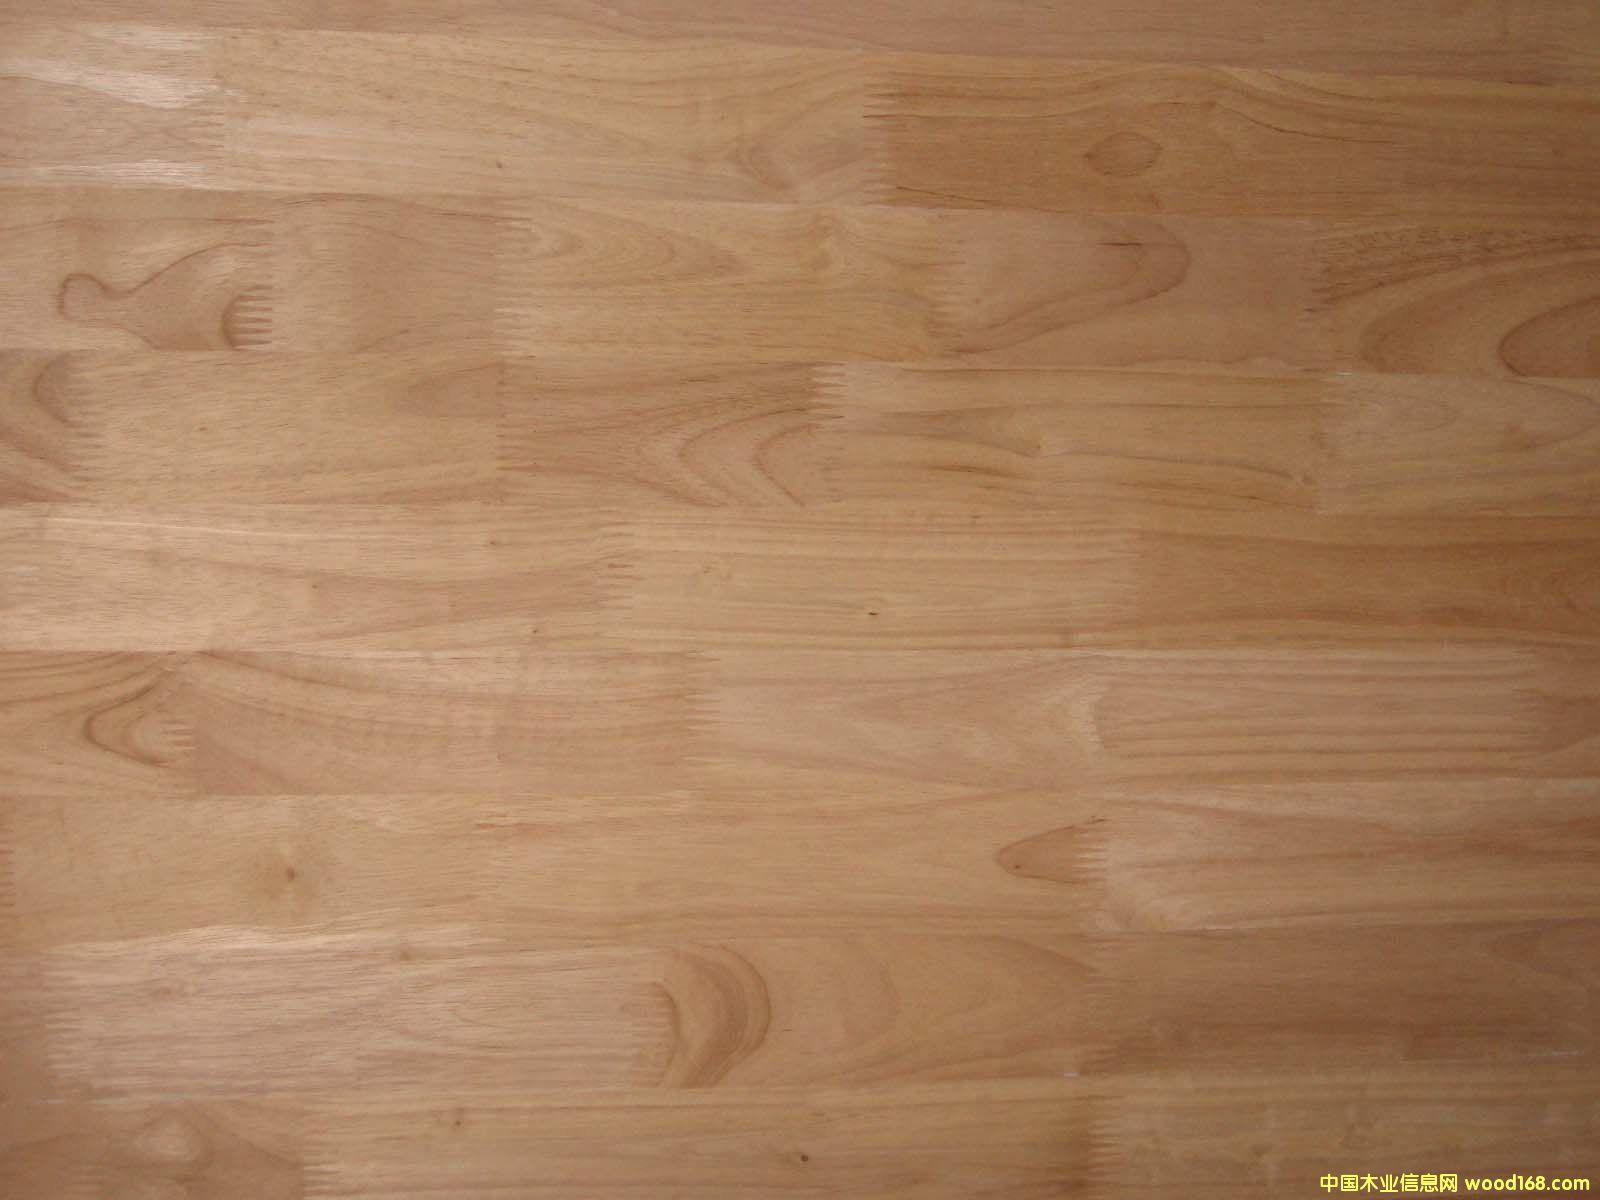 圖:橡膠木拼板 但橡膠木的需求與前景非常看到,國內外大量的市場未有開發,有巨大的潛力和廣闊的領域未拓展,隨著電商平臺的建立,泰國橡膠木業將直接面對全中國幾萬家橡膠木制品加工、家具制造企業和億萬家庭裝修需求(順德木業商會會長,謝錦河)。